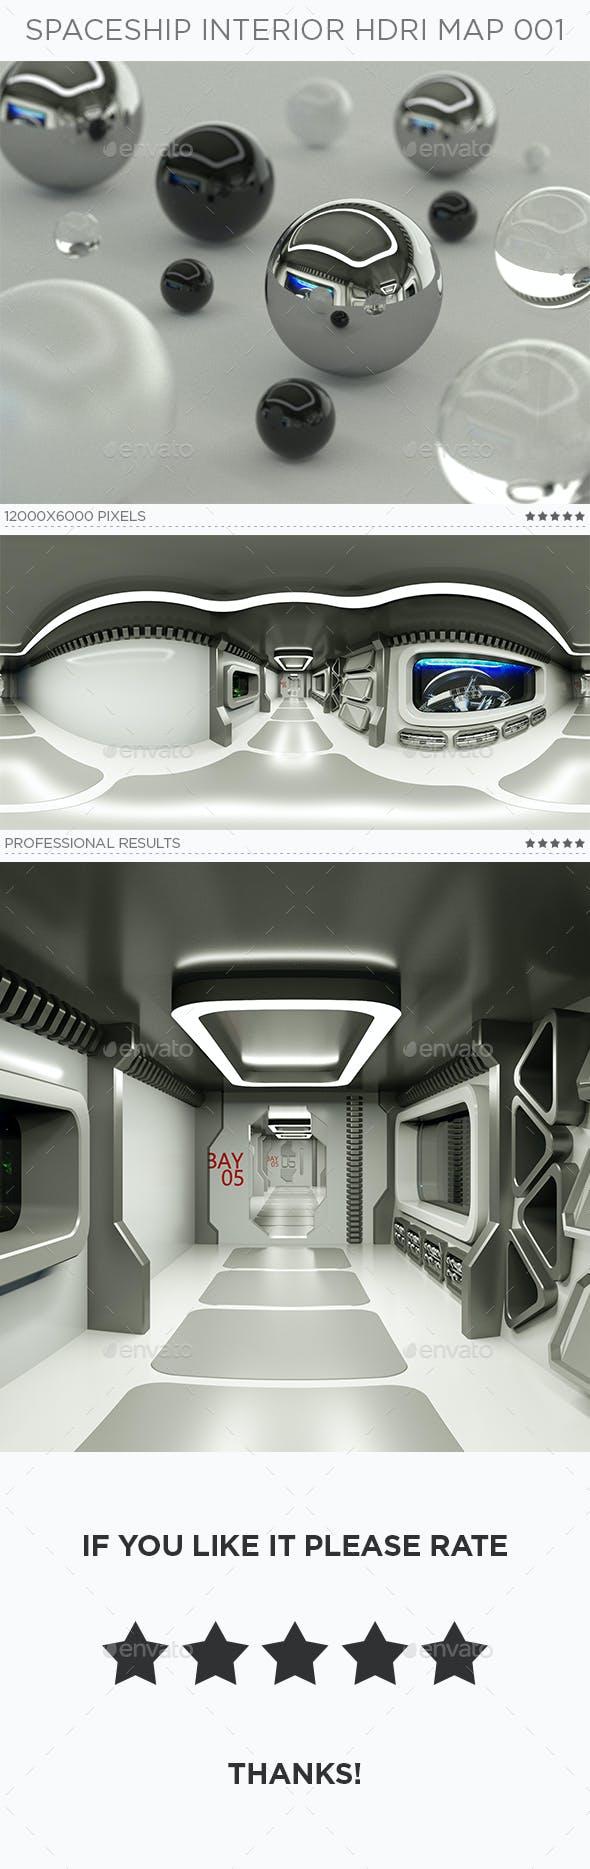 Spaceship Interior HDRi Map 001 - 3DOcean Item for Sale